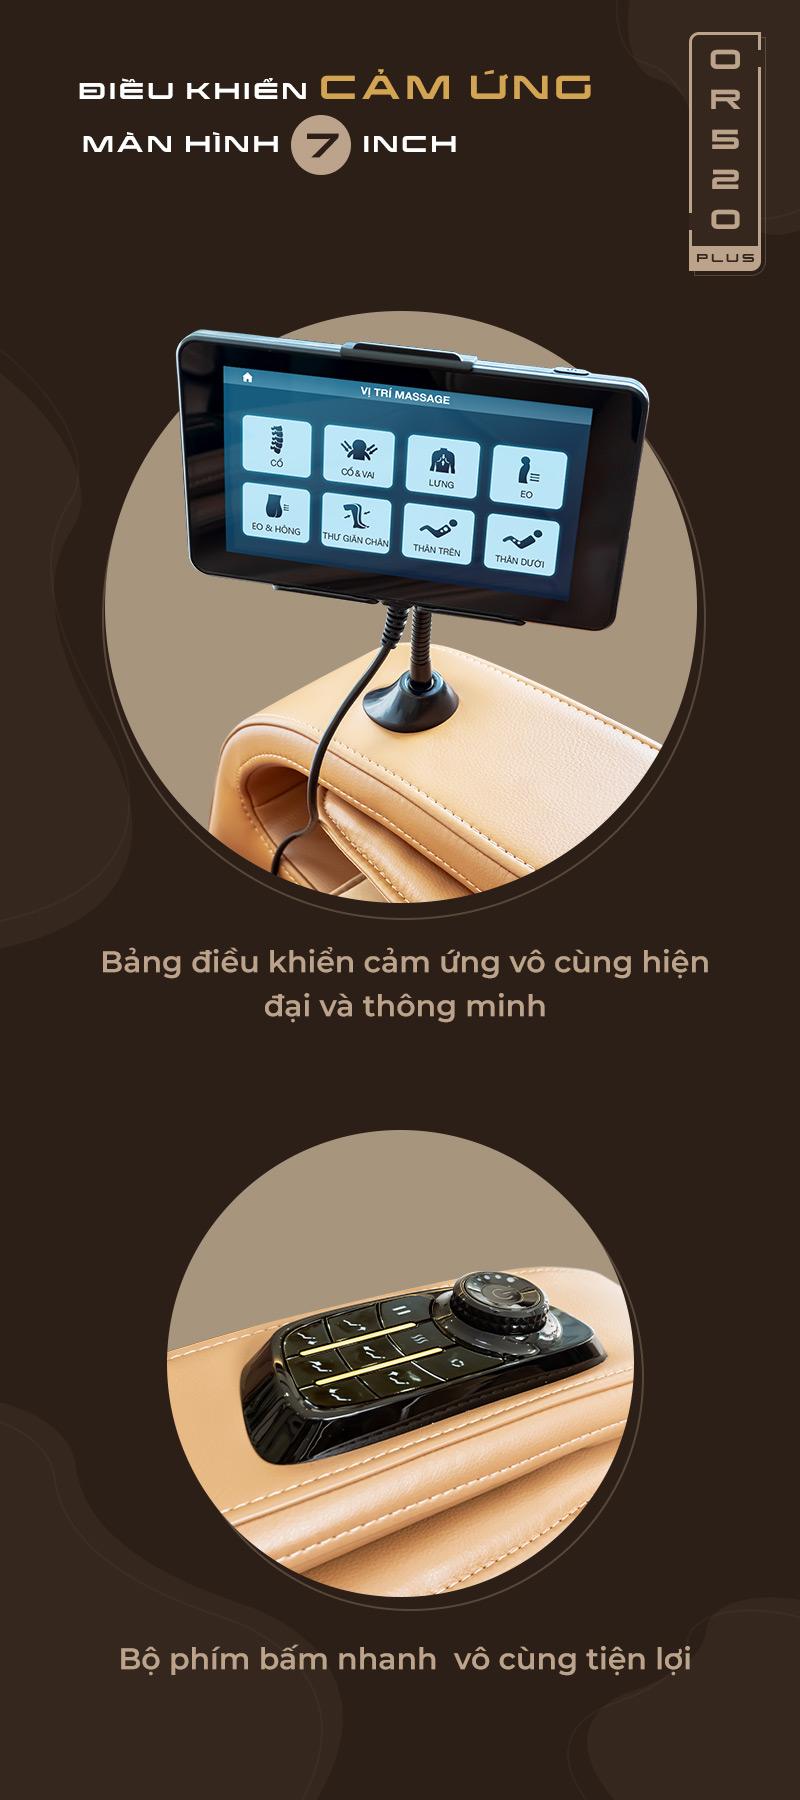 Trang bị bảng điều khiển cảm ứng thông minh tiện dụng, dễ sử dụng